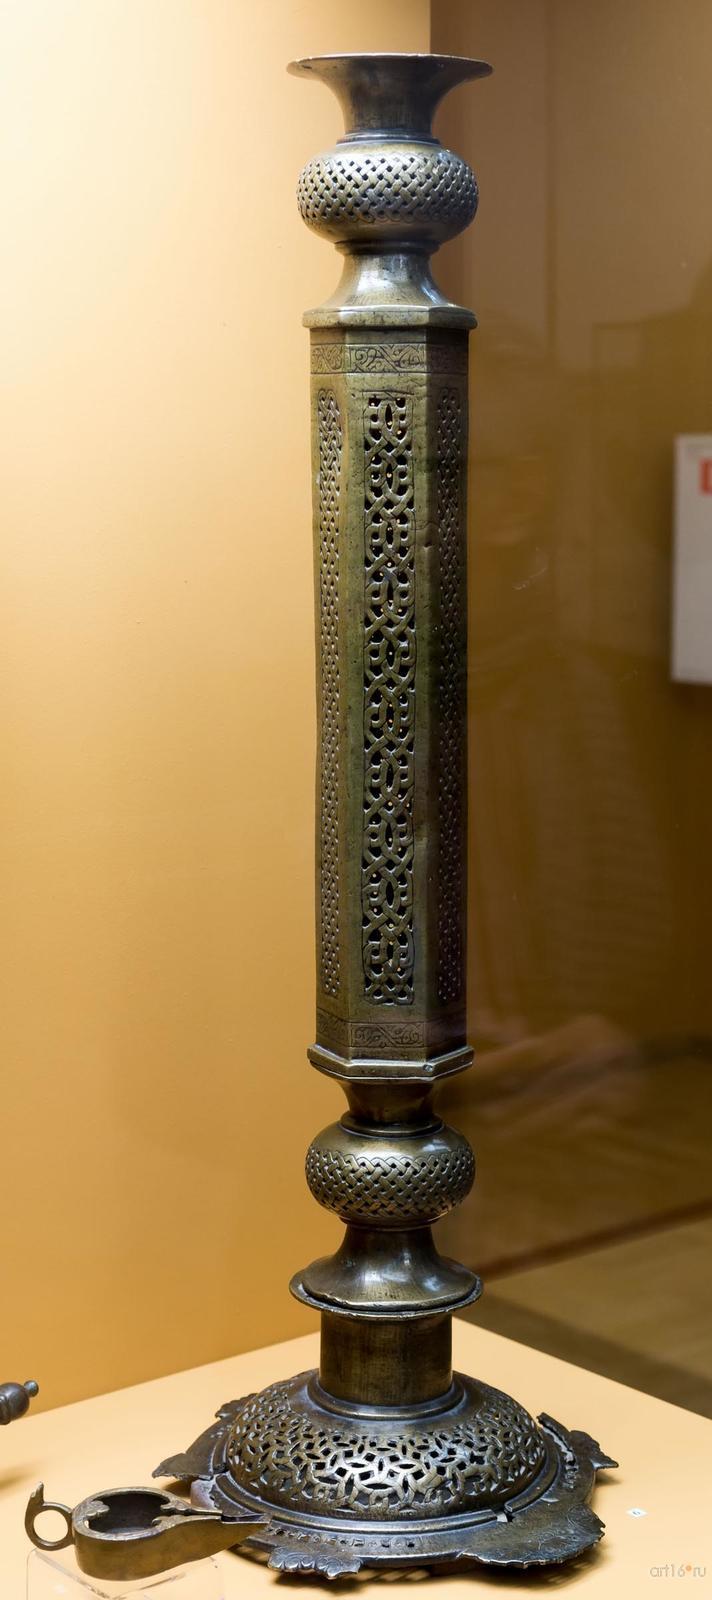 Фото №876741. Подставка светильника или курильницы